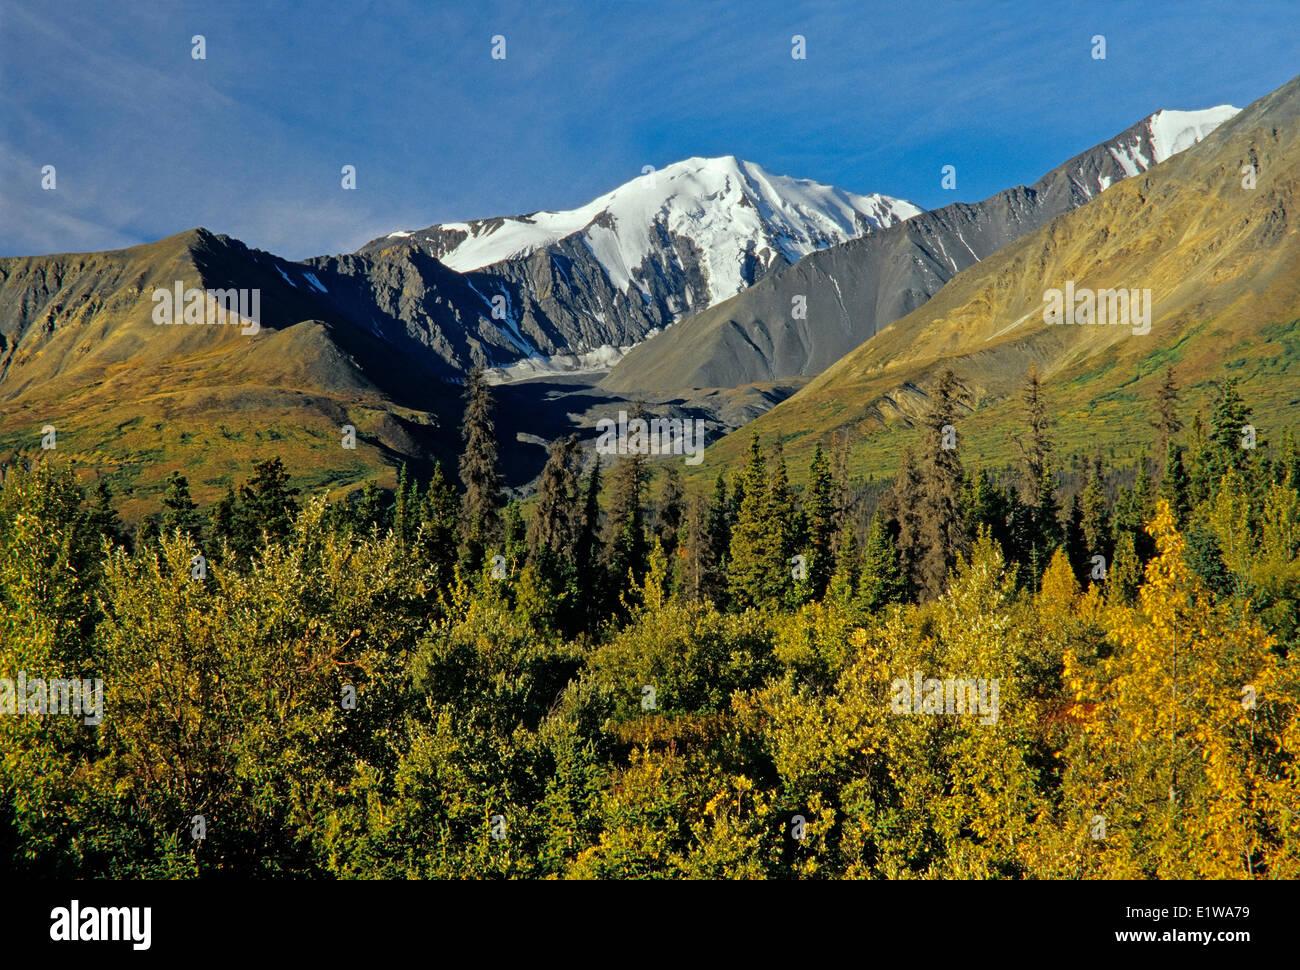 Saint Elias Mountains, Kluane National Park, Yukon, Canada - Stock Image